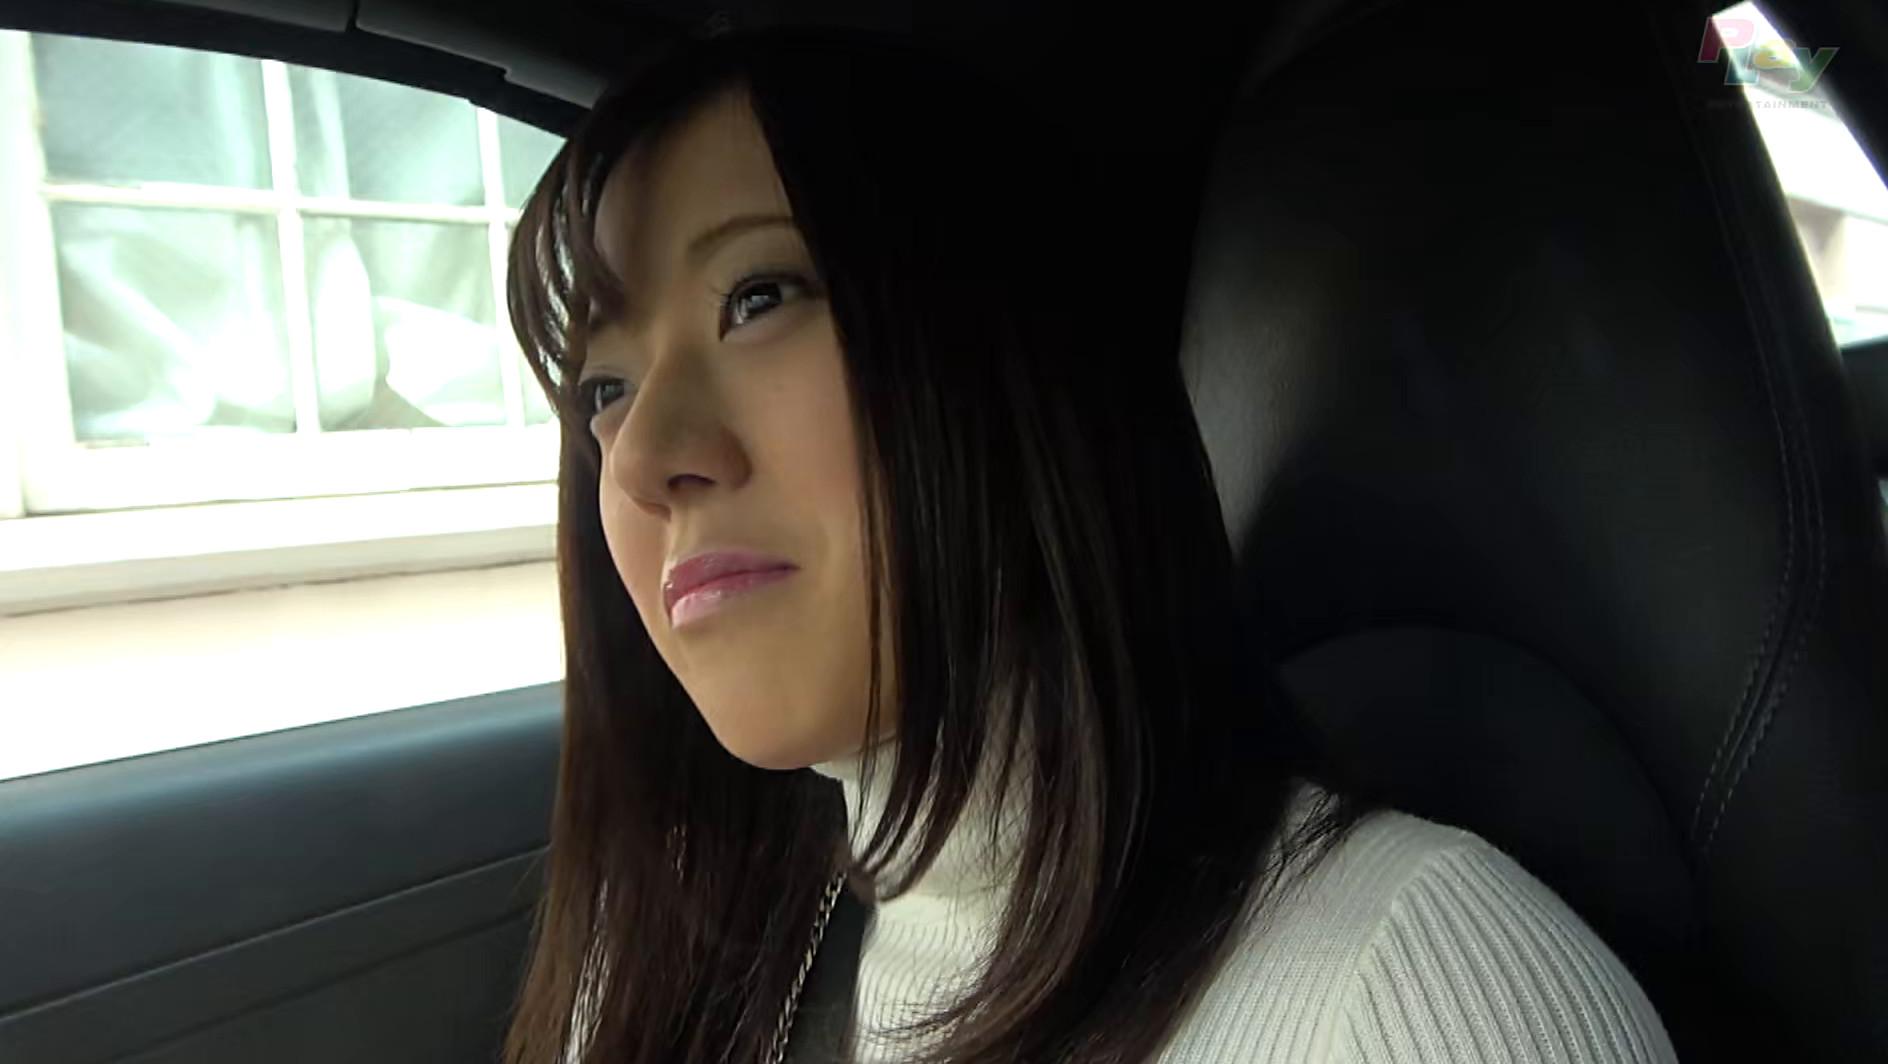 極上美女と愉しむ高級カーセックス HIGH END CAR SEX 黒川すみれ/希のぞみ,のサンプル画像15